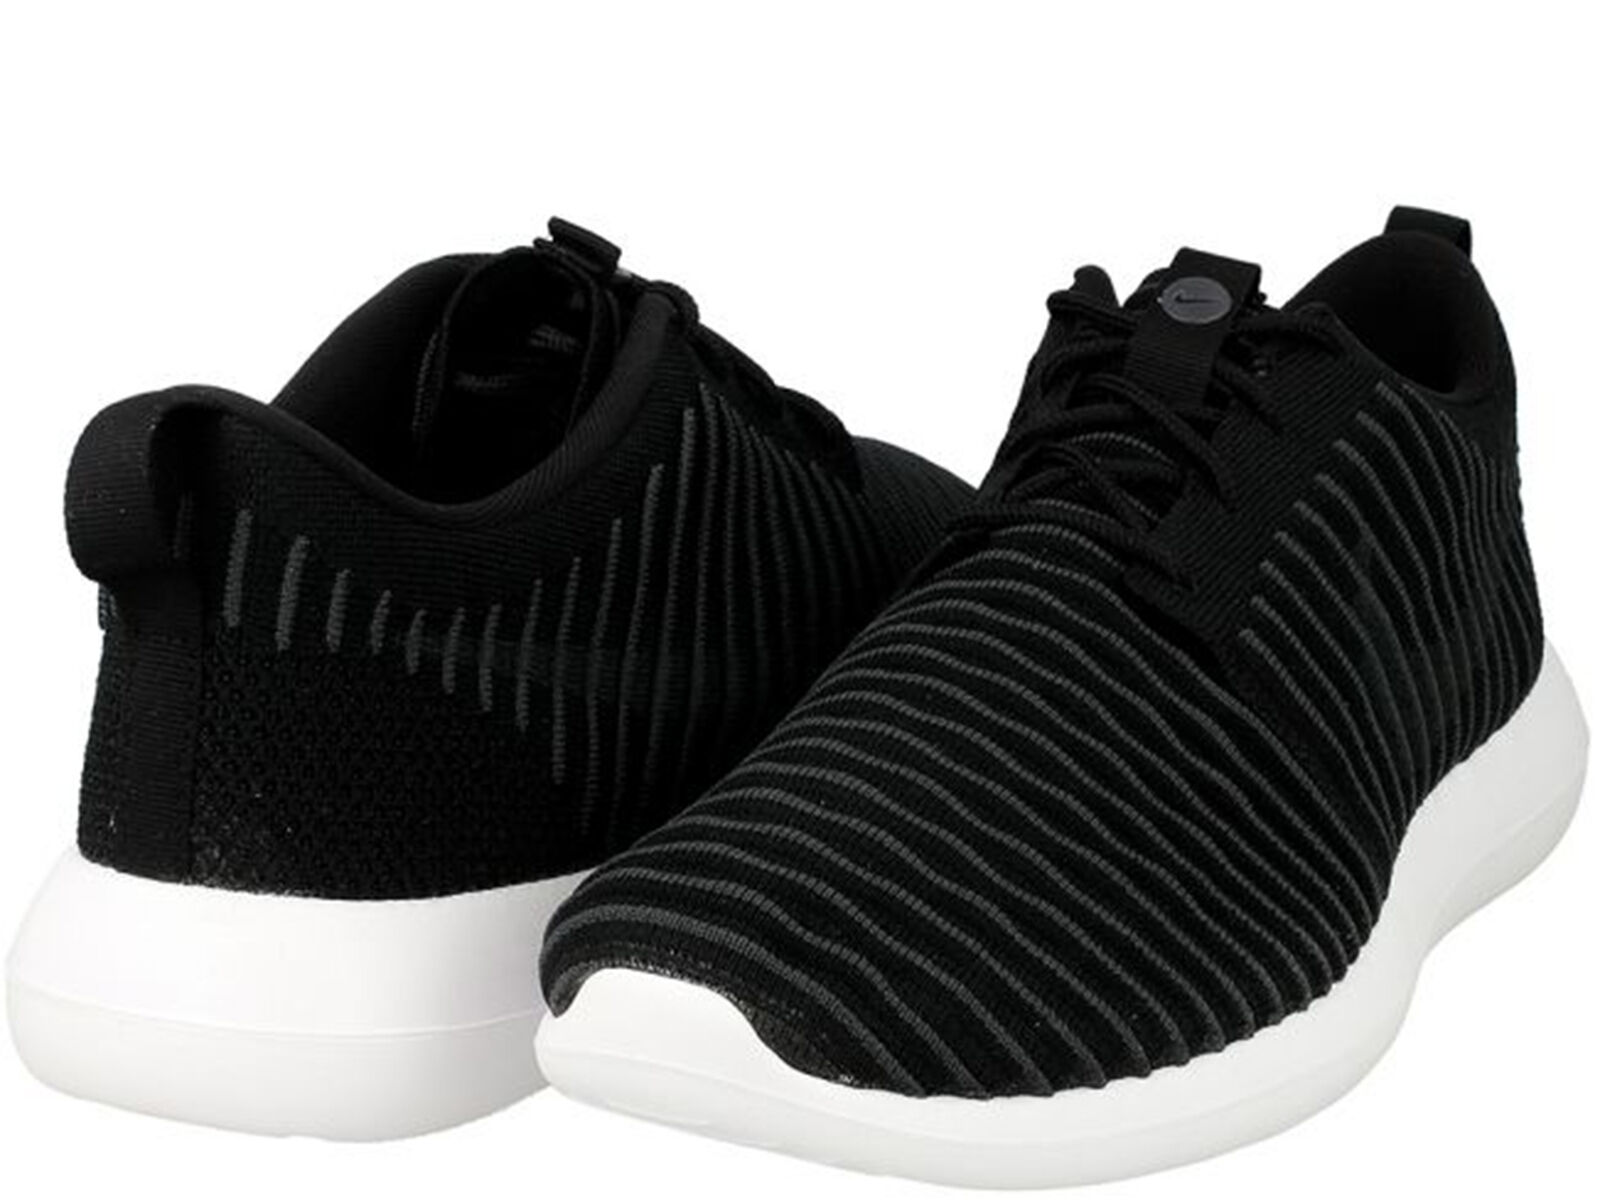 Men's Brand New Nike Roshe Roshe Roshe Two Flyknit Athletic Fashion Sneakers [844833 001] 8bcb38